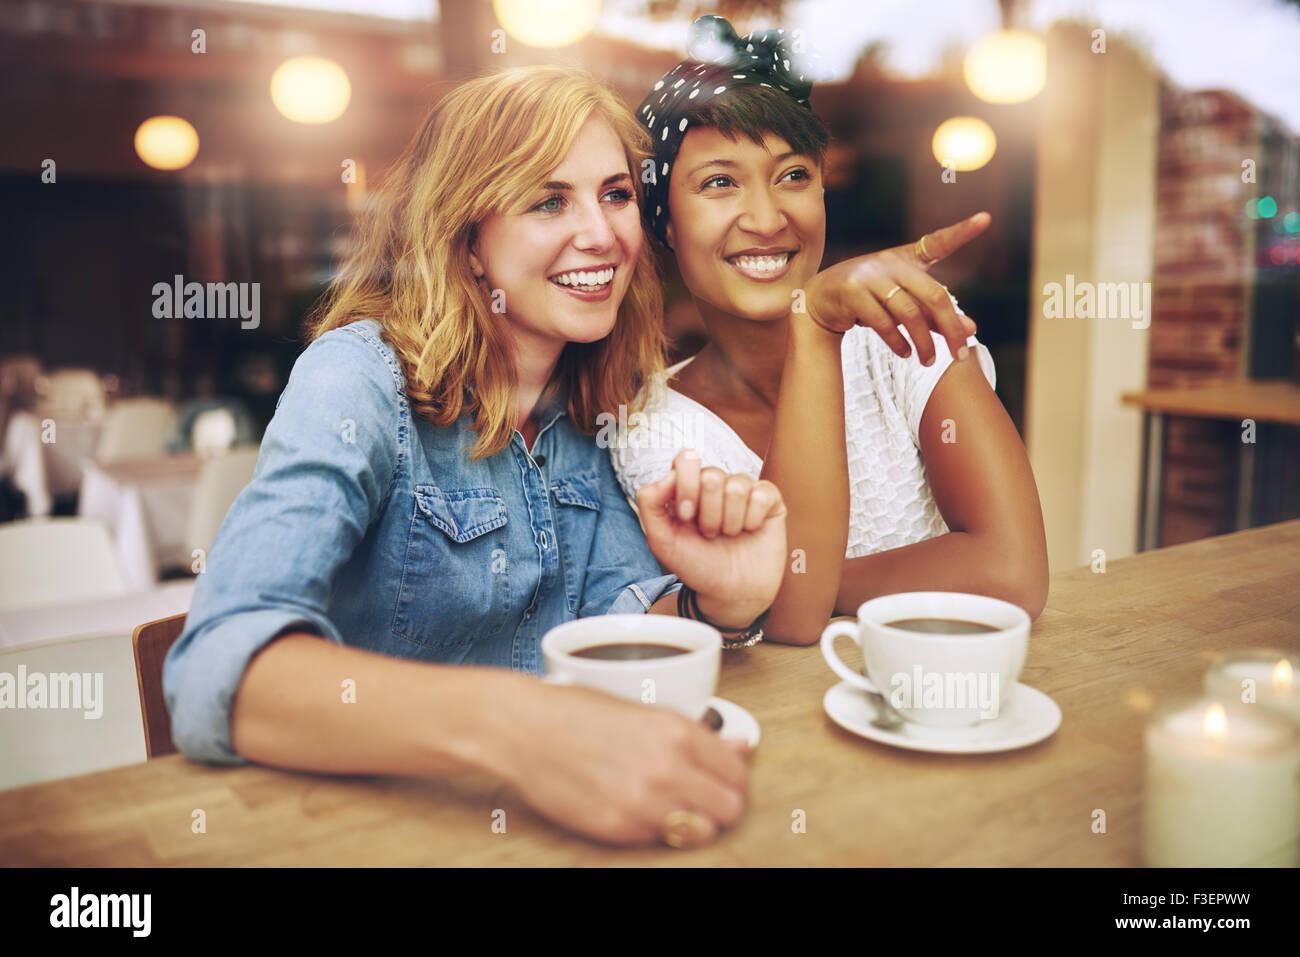 Niña alegre amigos disfrutando de un café juntos en una casa de café sentado apuntando y sonriente, Imagen De Stock